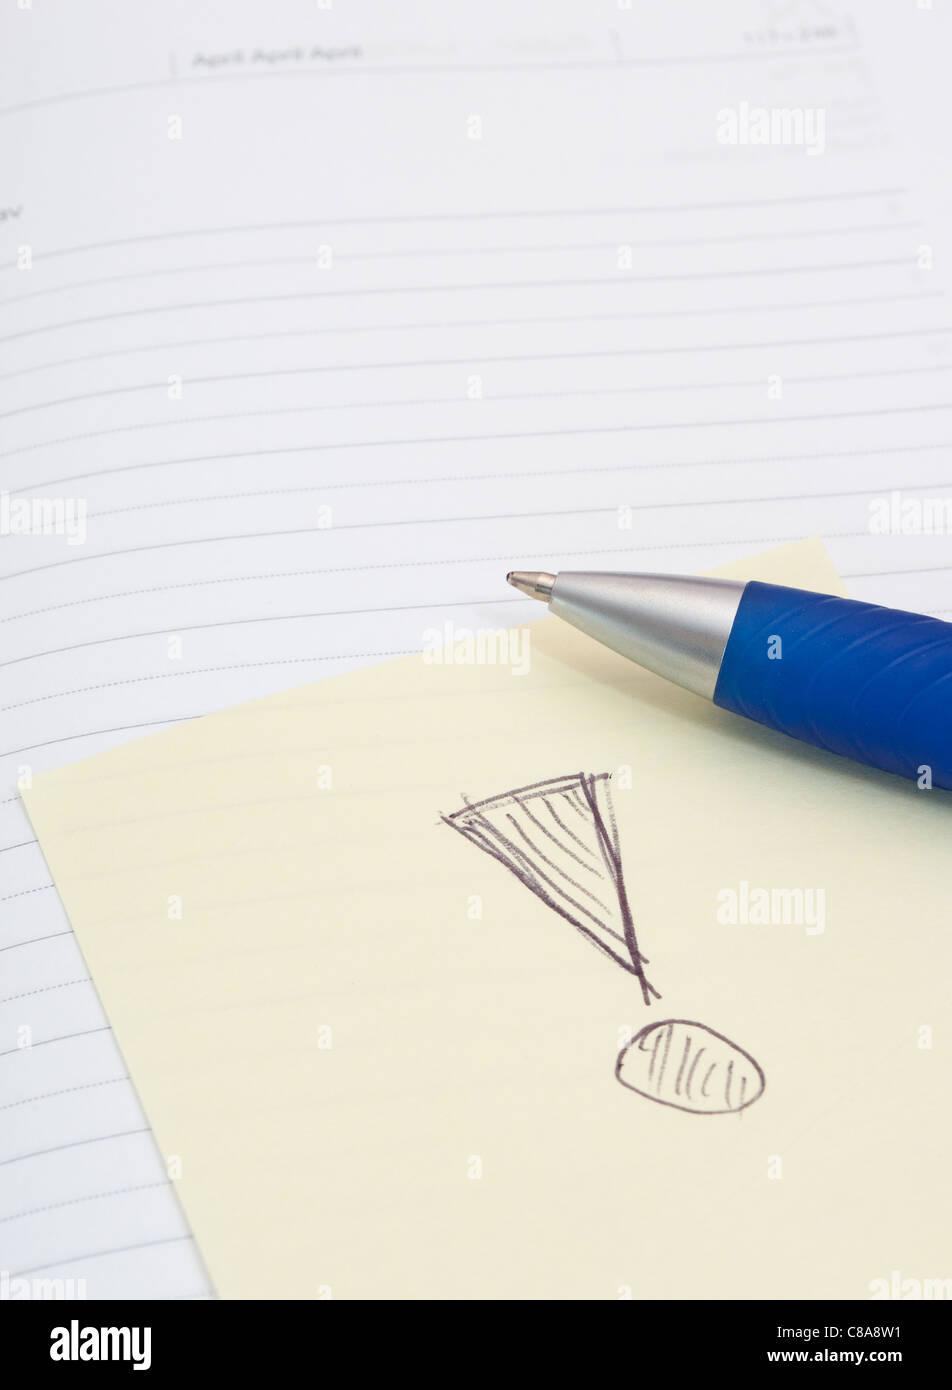 Notebook vuota, penna a sfera e Memo giallo Stick con un punto esclamativo su sfondo bianco Immagini Stock